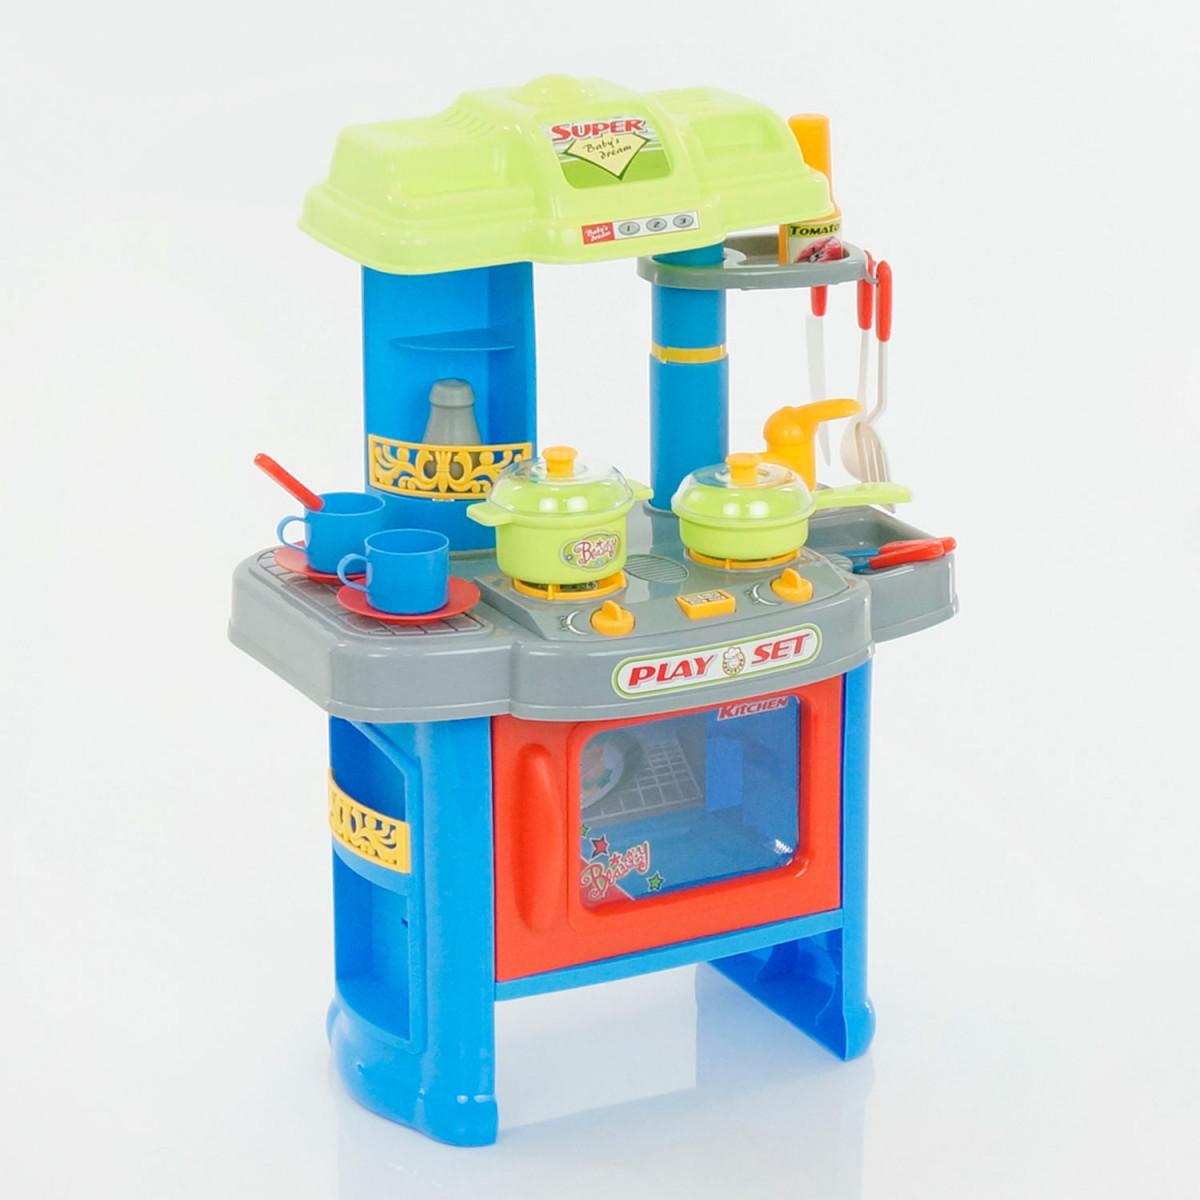 Детская игровая кухня KITCHEN PLAY SET (008-26 А) с подсветкой и музыкой